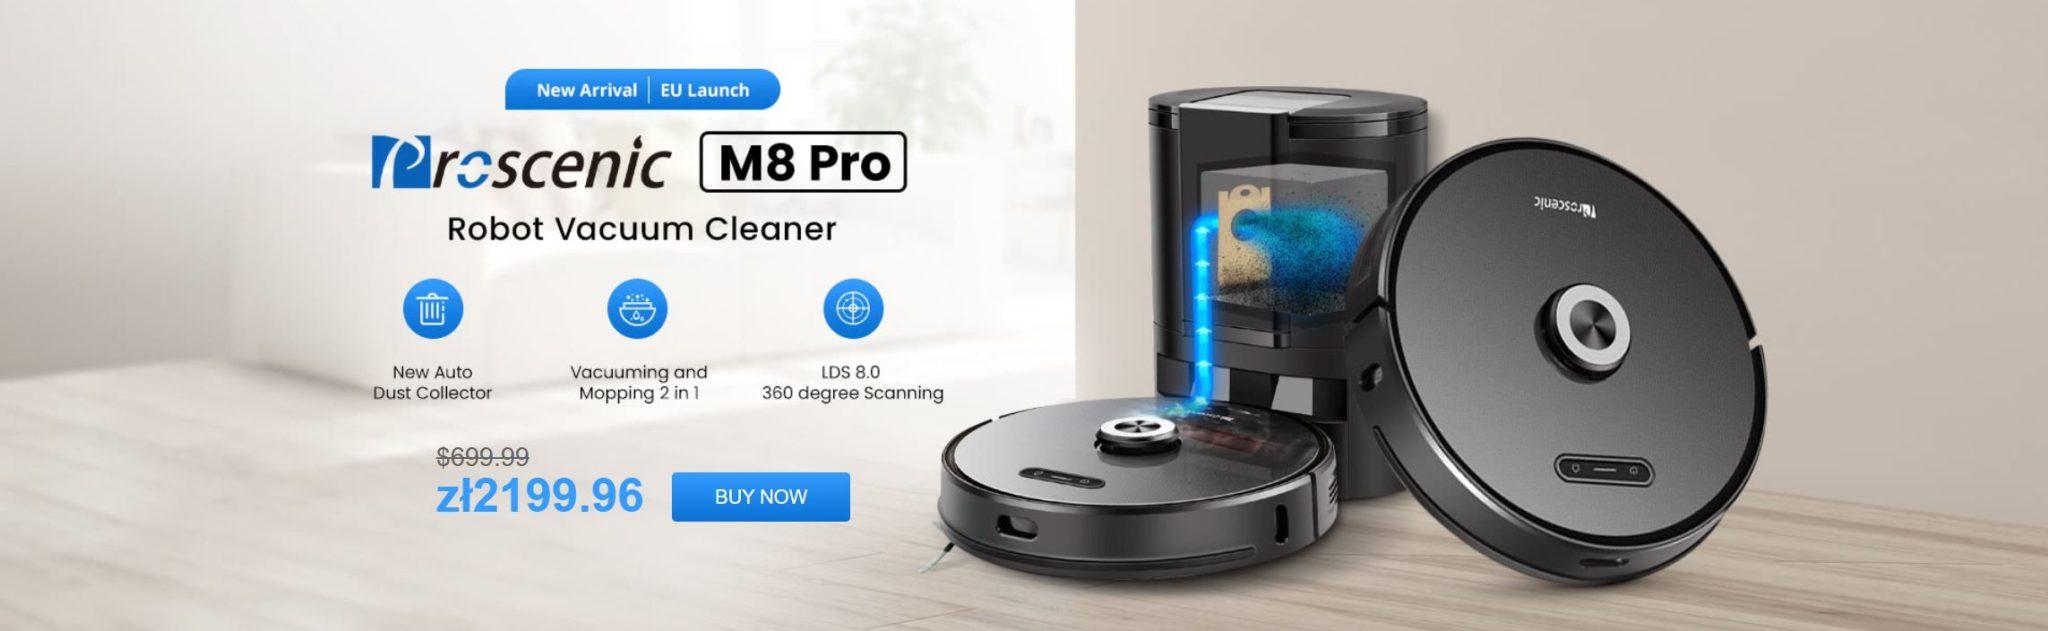 Promocja Proscenic M8 Pro - robot ze stacją na kurz w super cenie